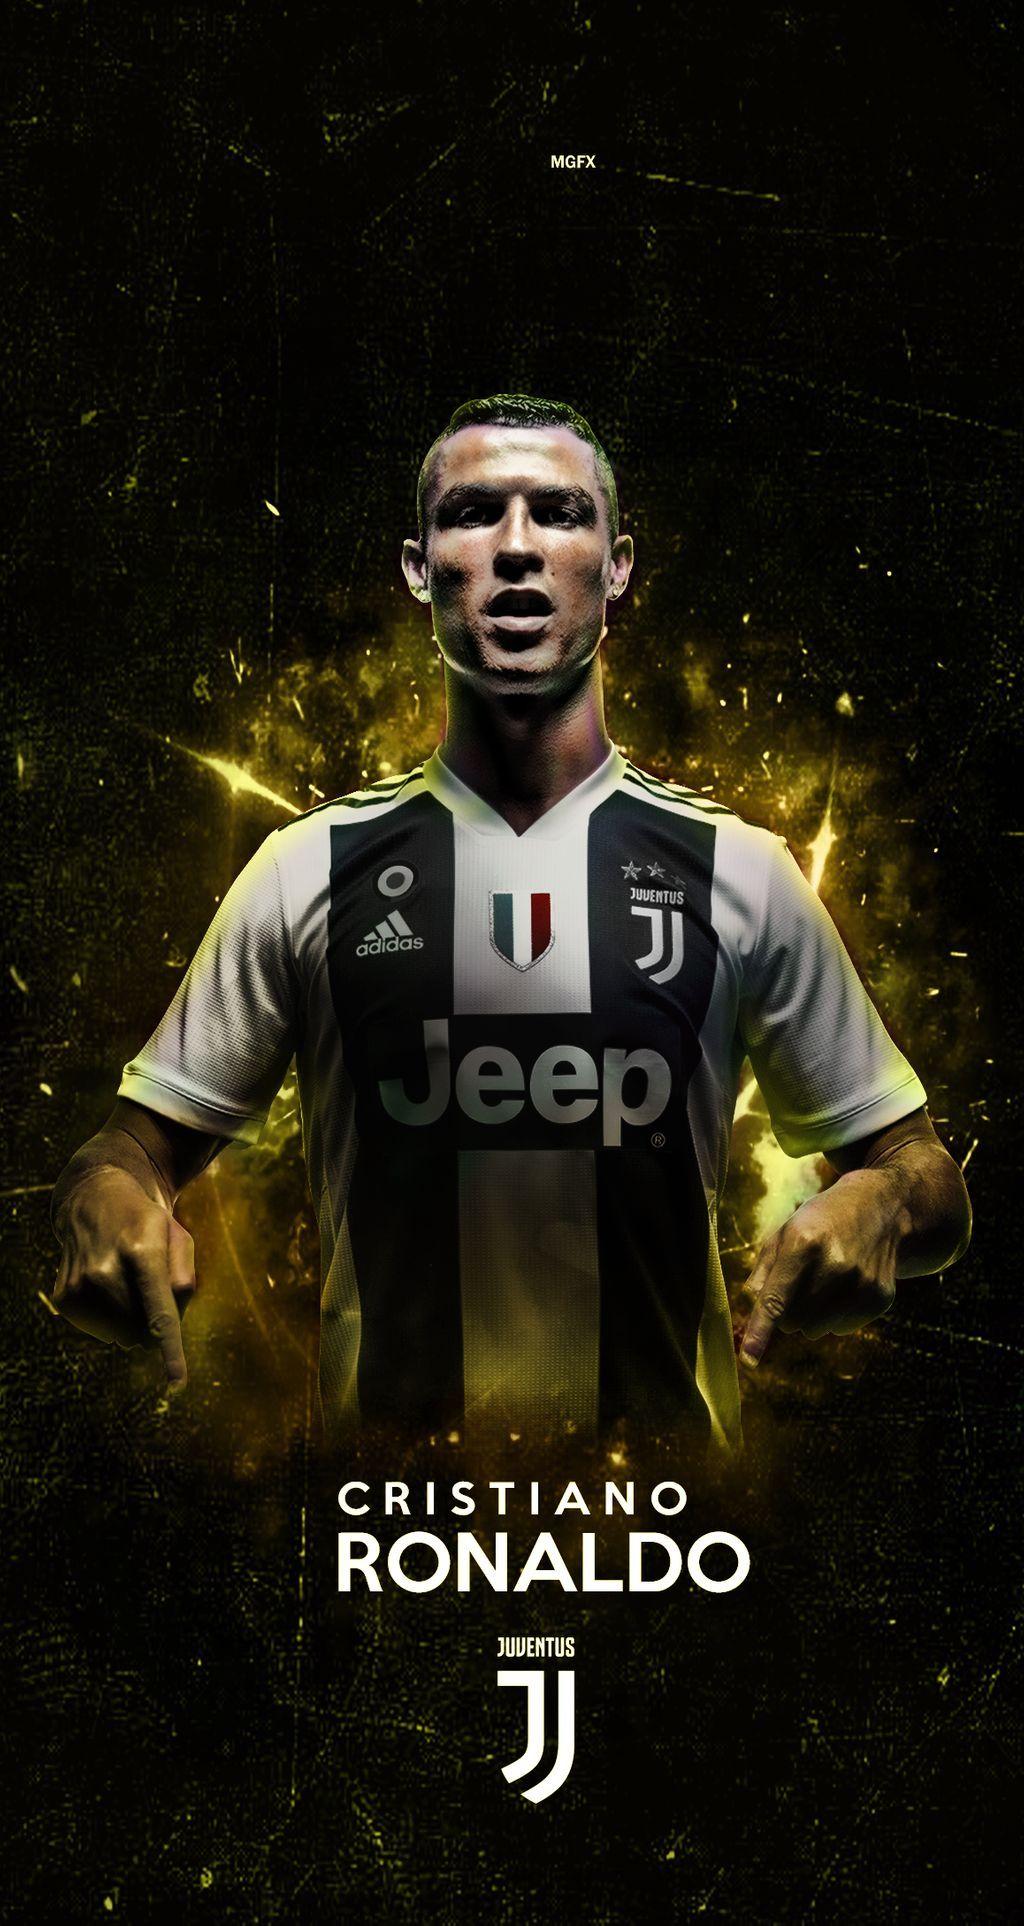 Cristiano Ronaldo Es Nombrado El Mejor Del Siglo Xxi En 2021 Cristiano Ronaldo Ronaldo Cristiano